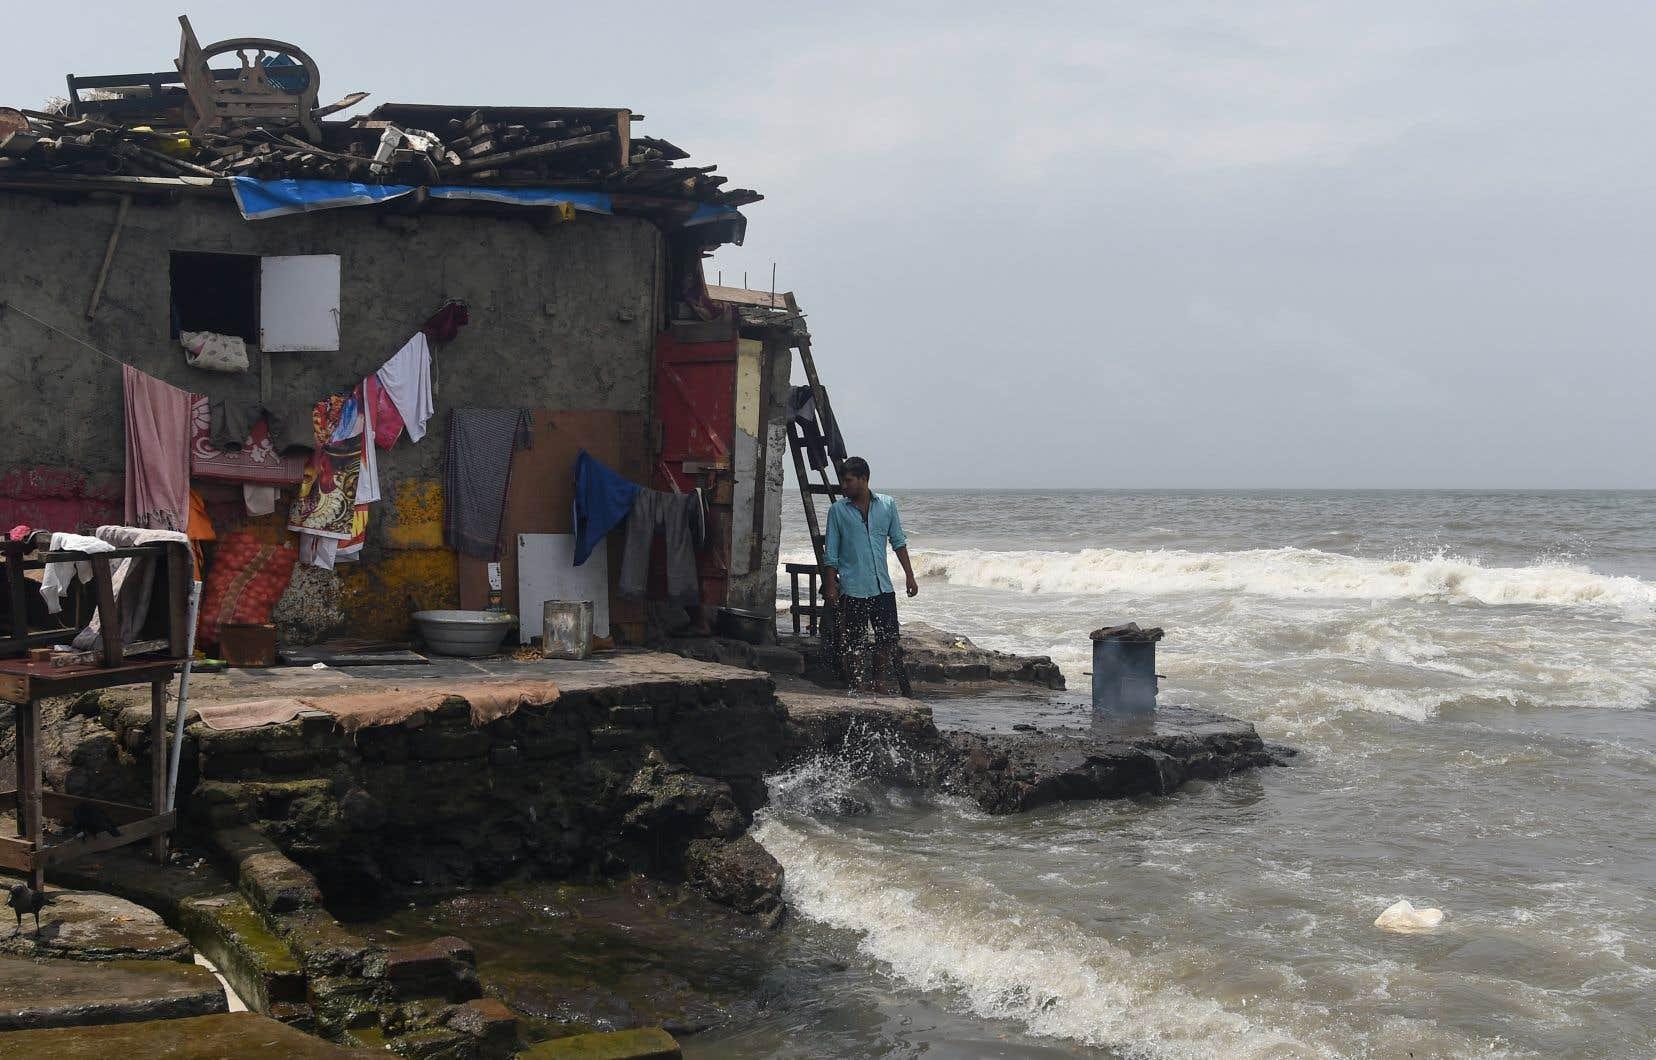 Le projet de rapport du GIEC souligne le danger des effets en cascade. Certaines régions (est du Brésil, Asie du Sud-Est, Chine centrale) et presque toutes les zones côtières pourraient être frappées par trois ou quatre catastrophes météo simultanées, voire plus.